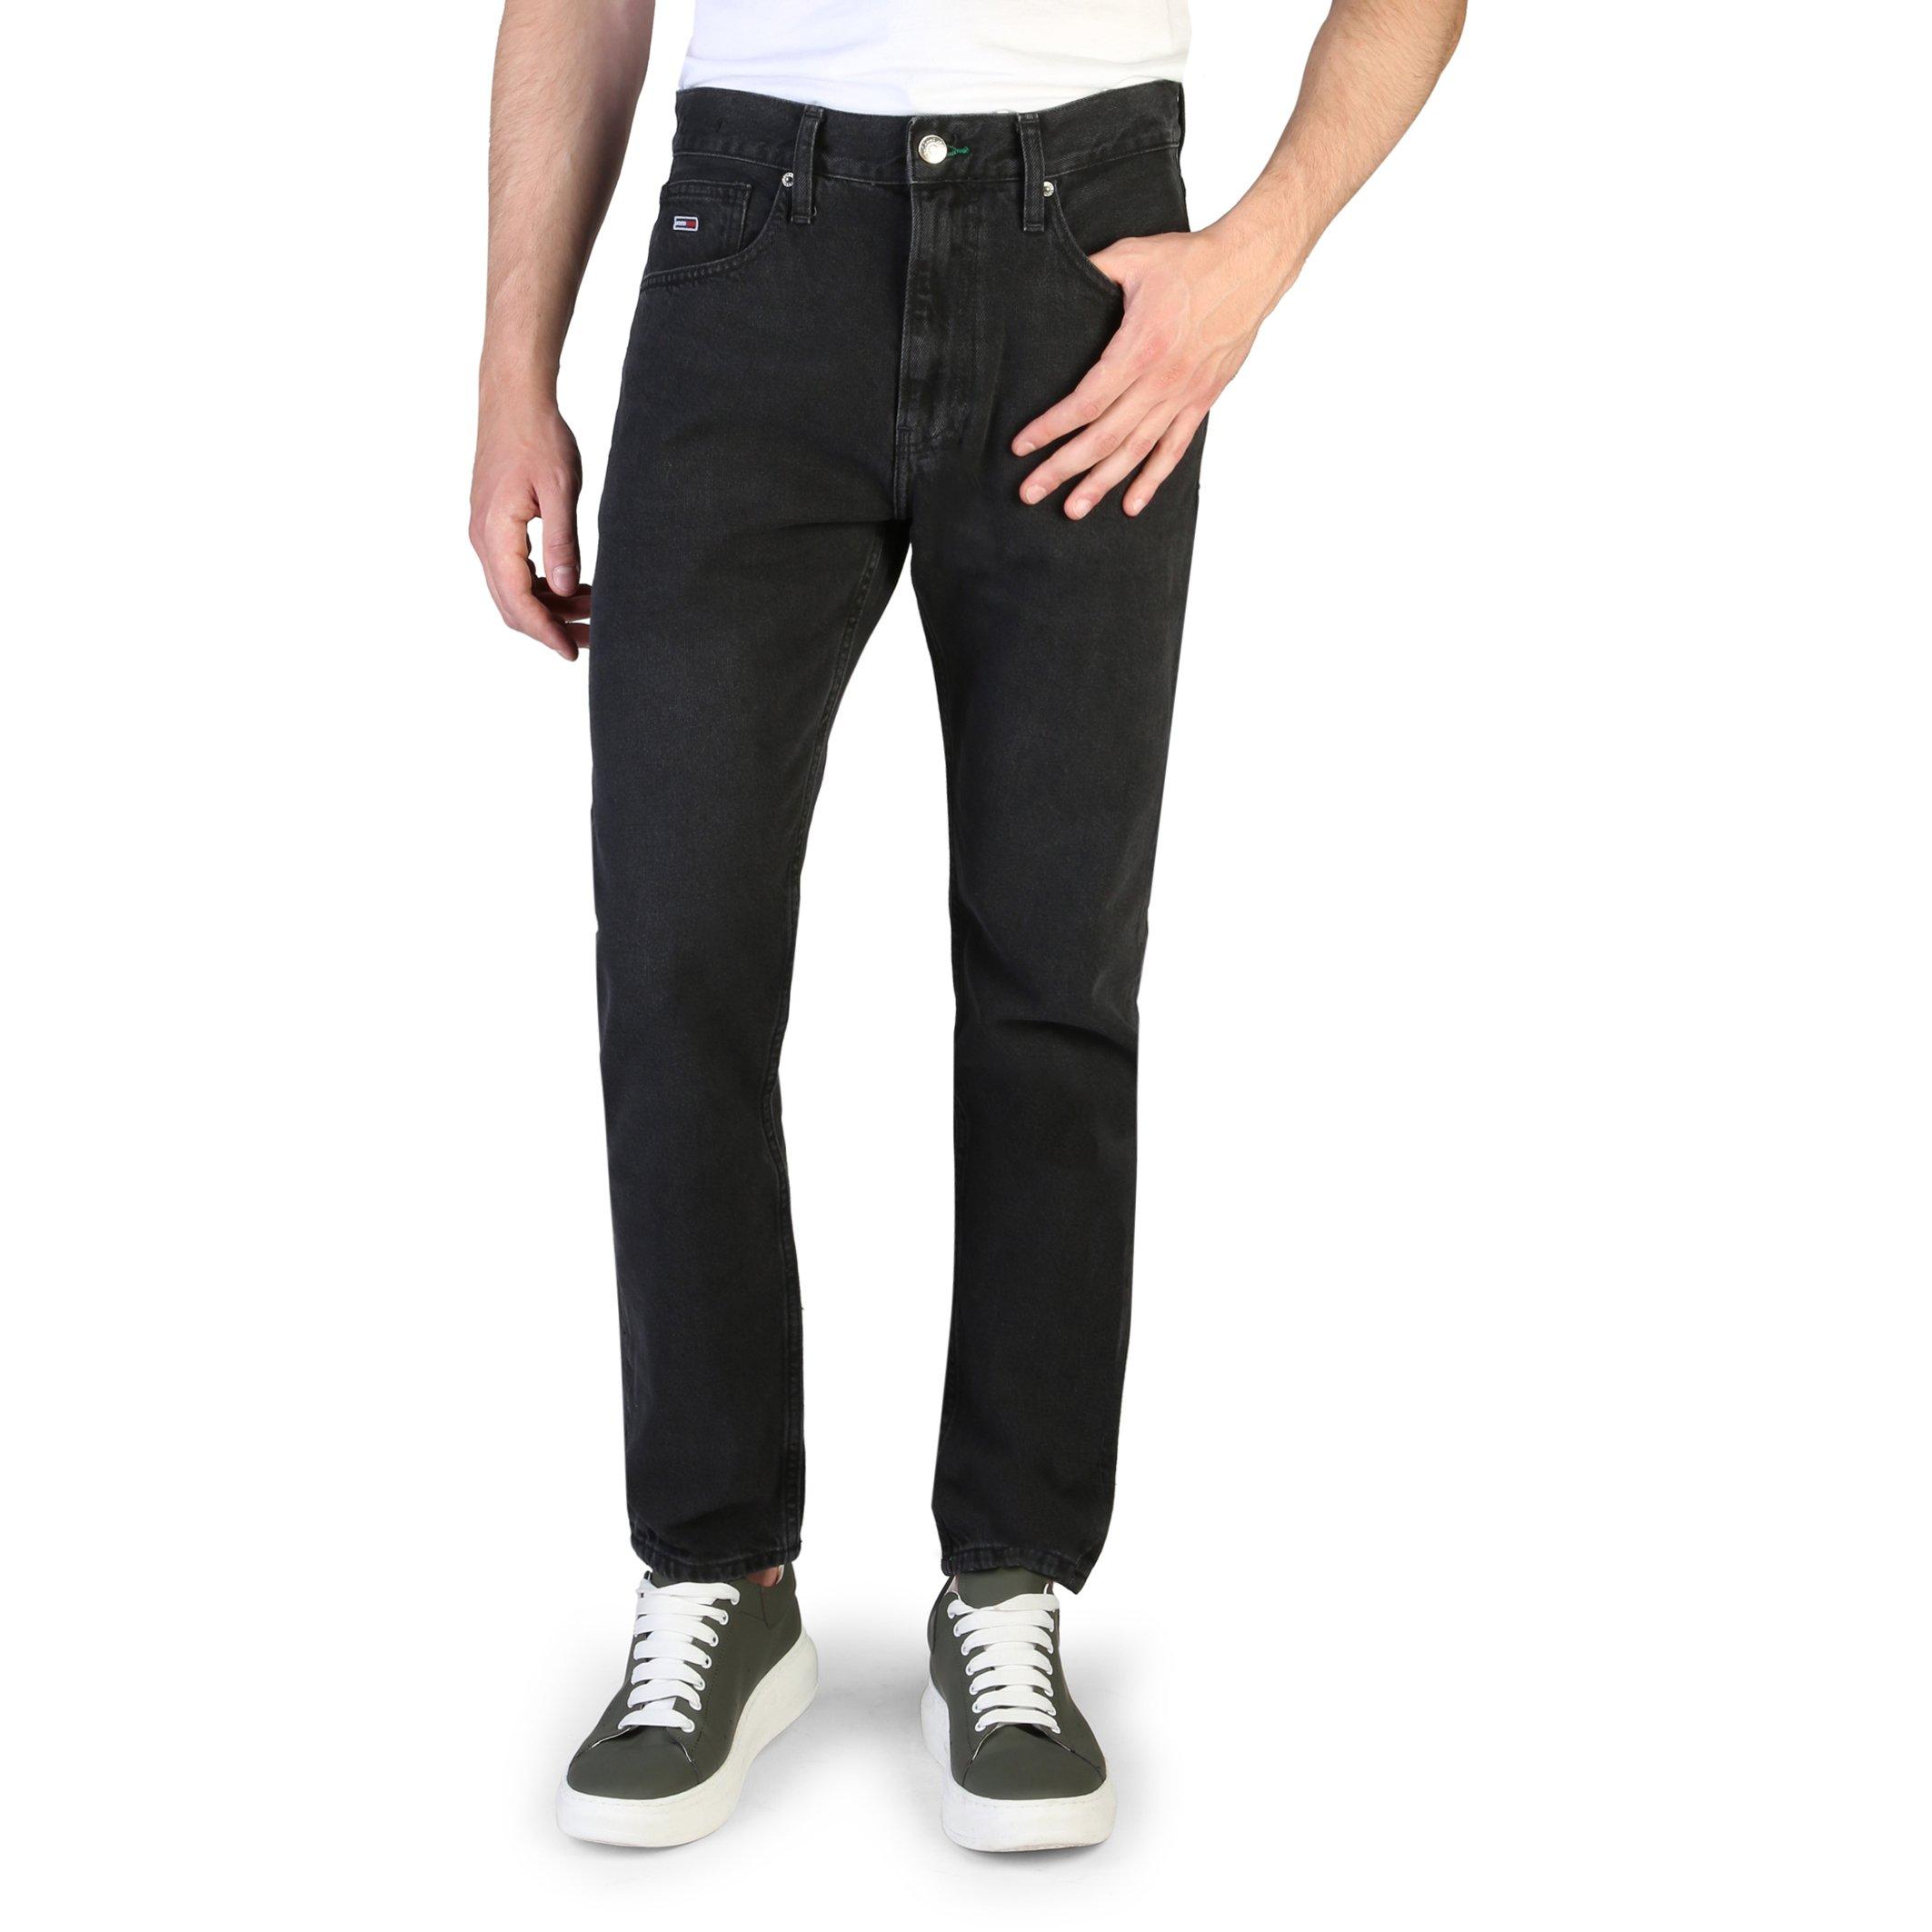 Tommy Hilfiger Men's Jeans Black DM0DM07058 - black-1 31